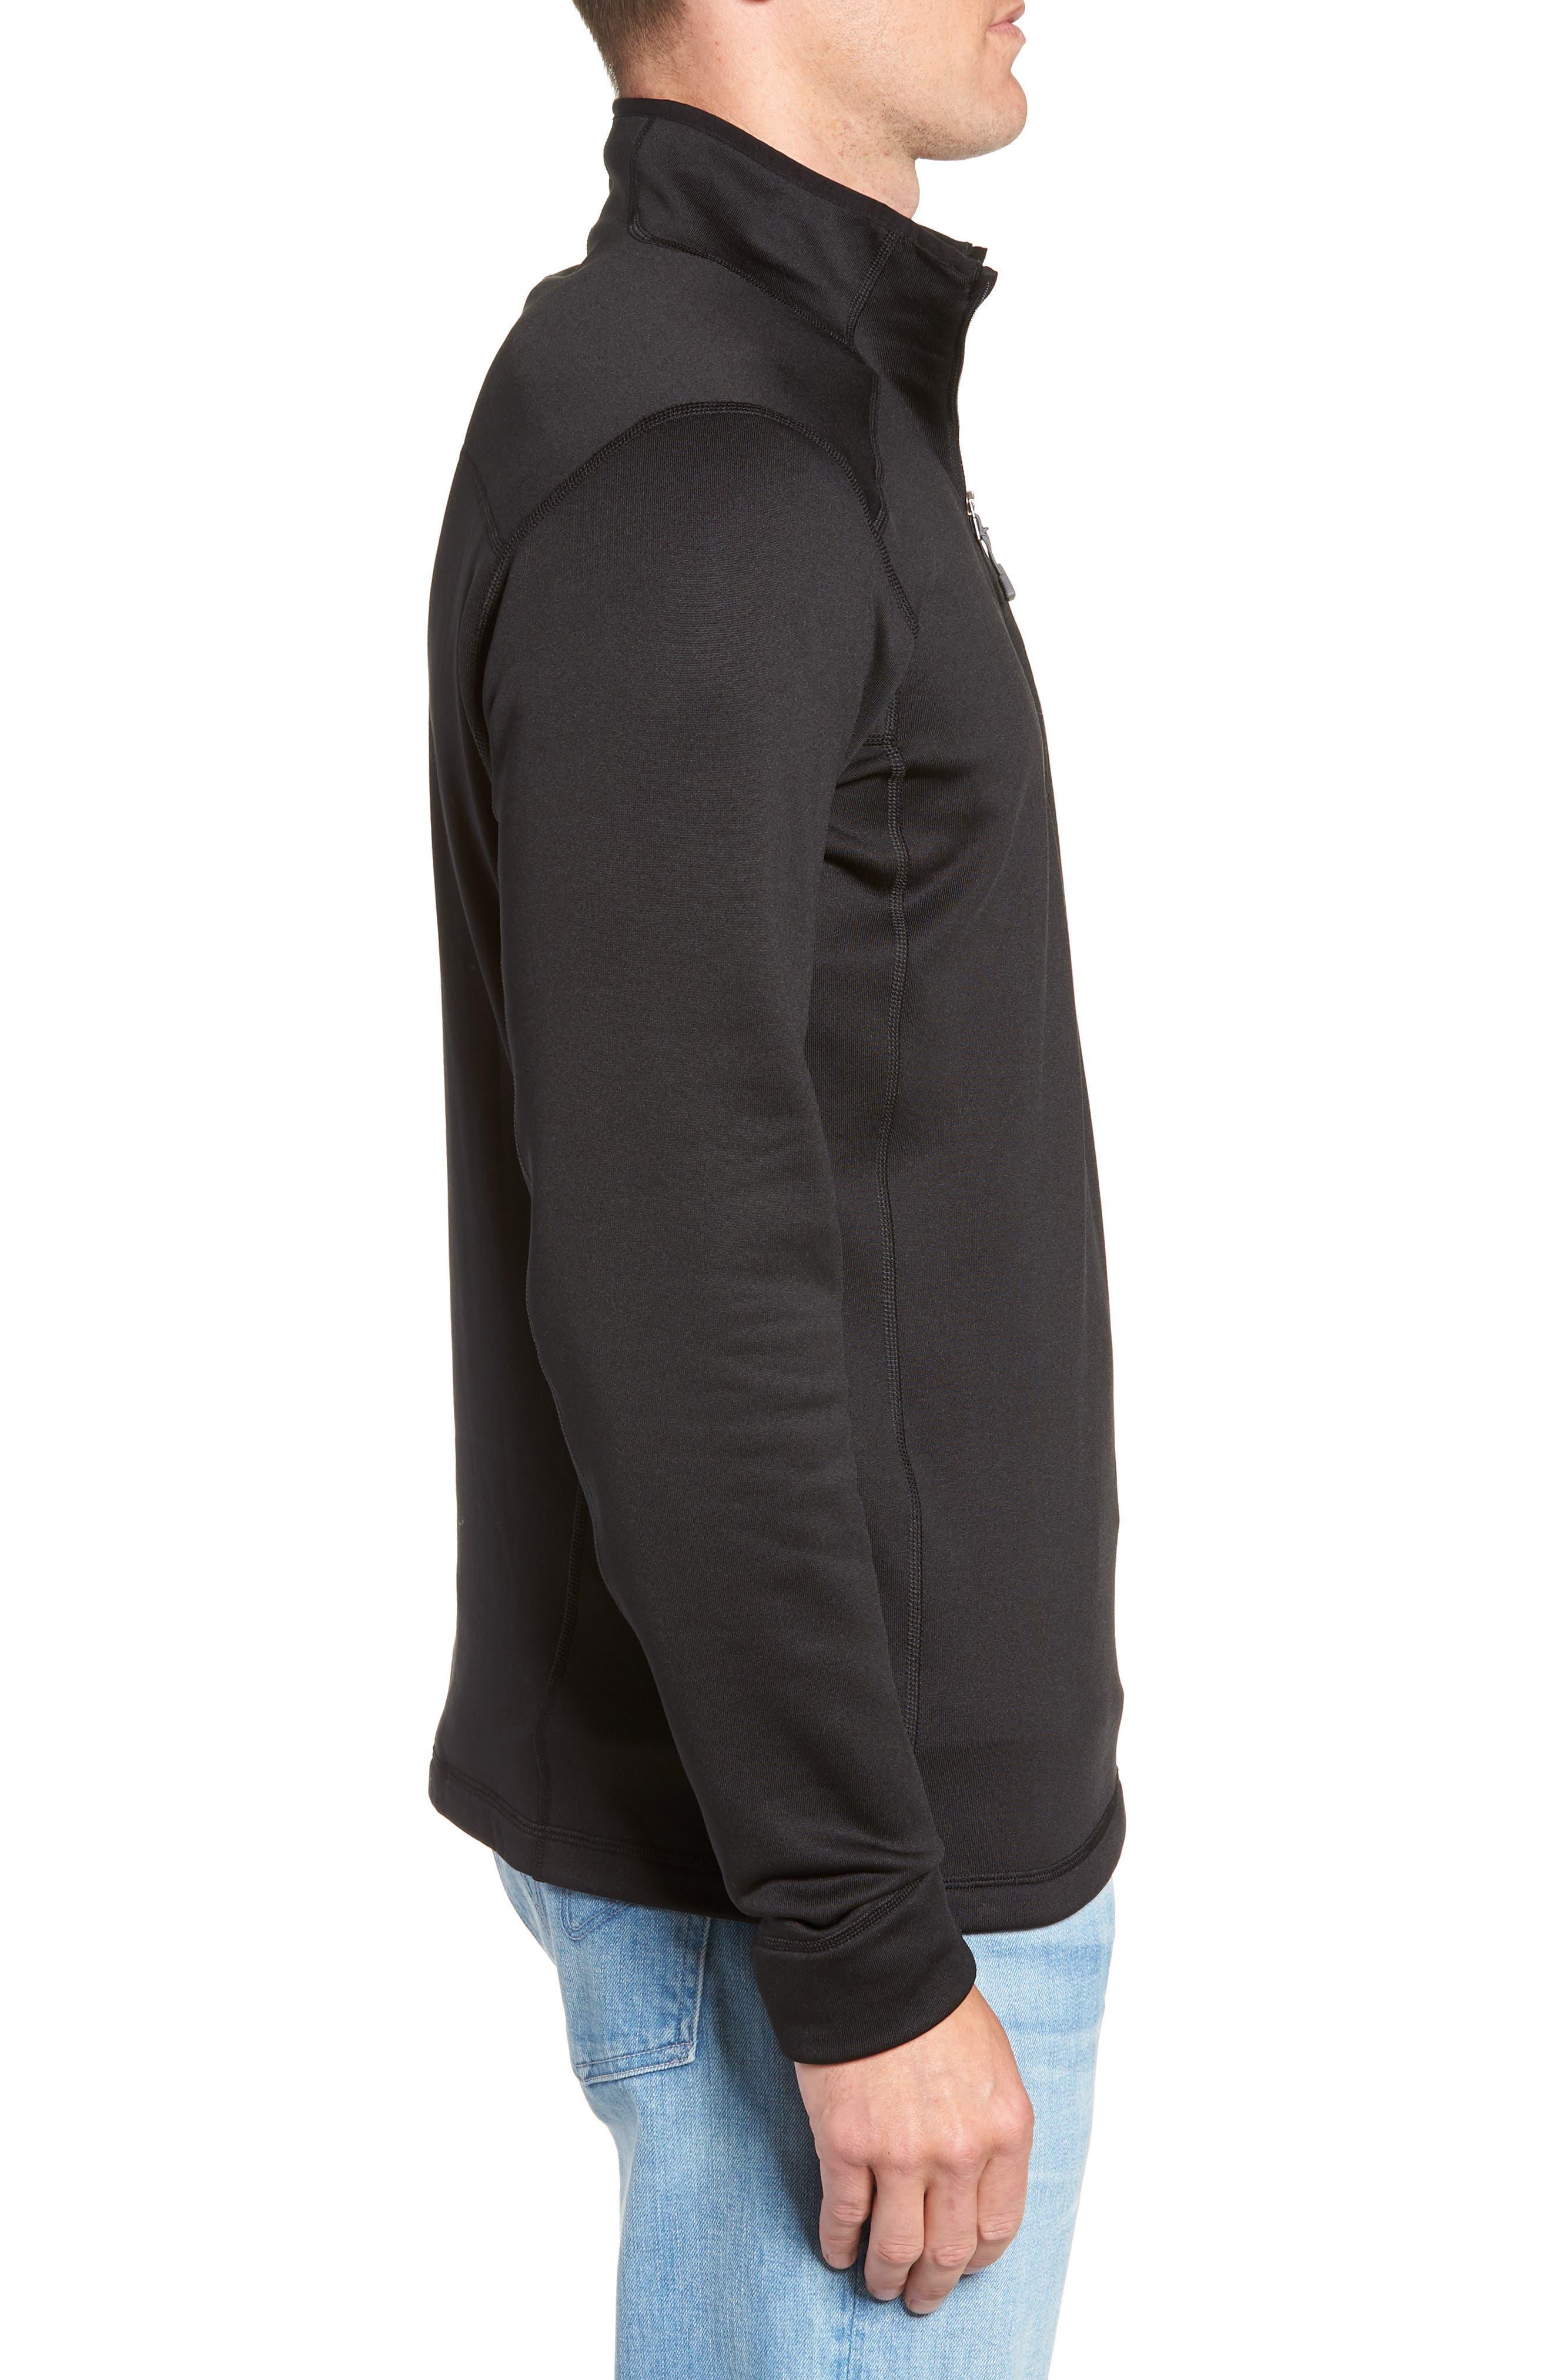 Crosstrek Quarter Zip Fleece Pullover,                             Alternate thumbnail 3, color,                             BLACK